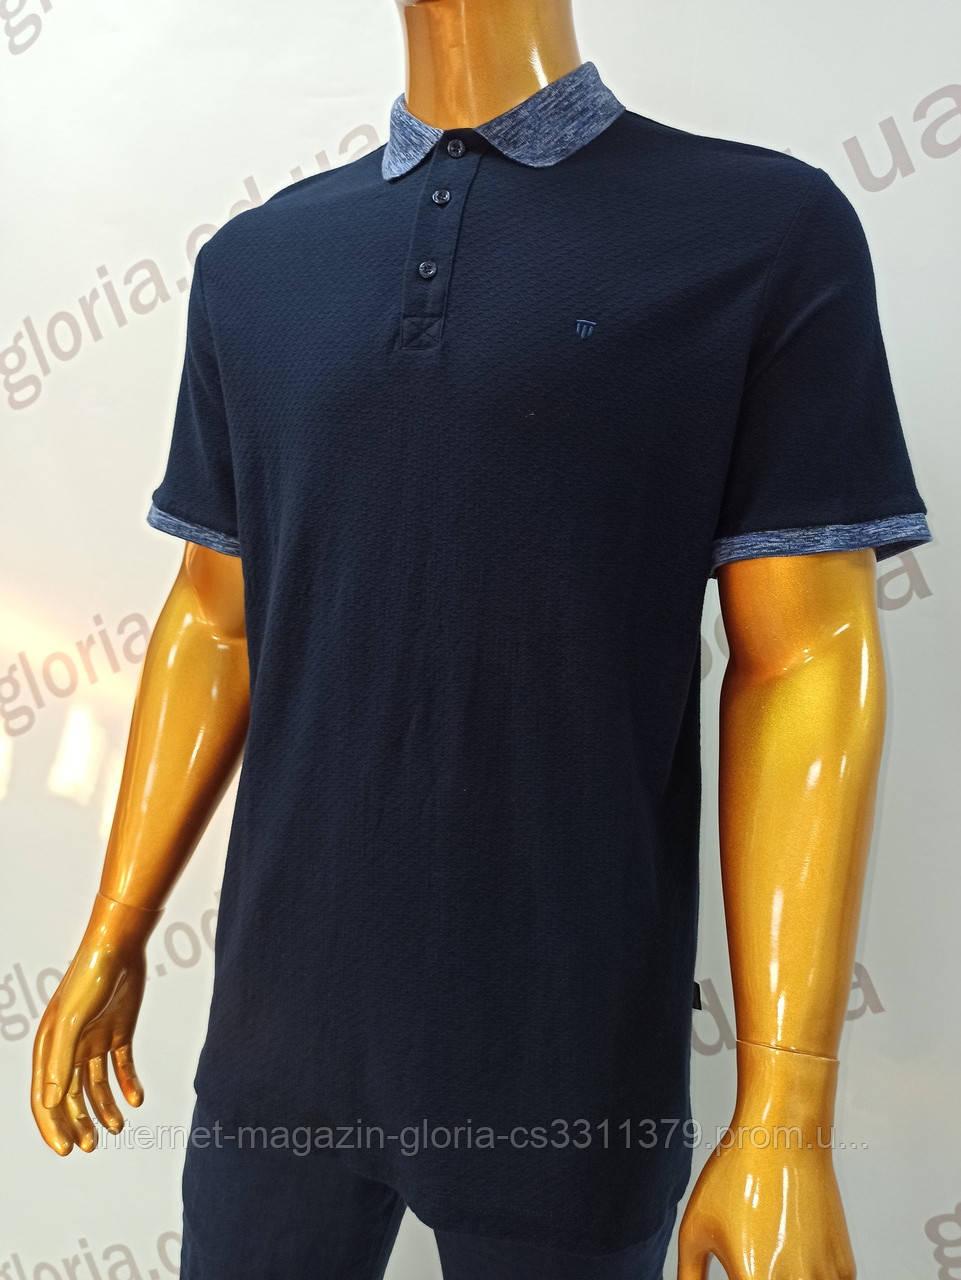 Мужская футболка поло Tony Montana. PSL-5011. Размеры: M,L,XL,XXL.